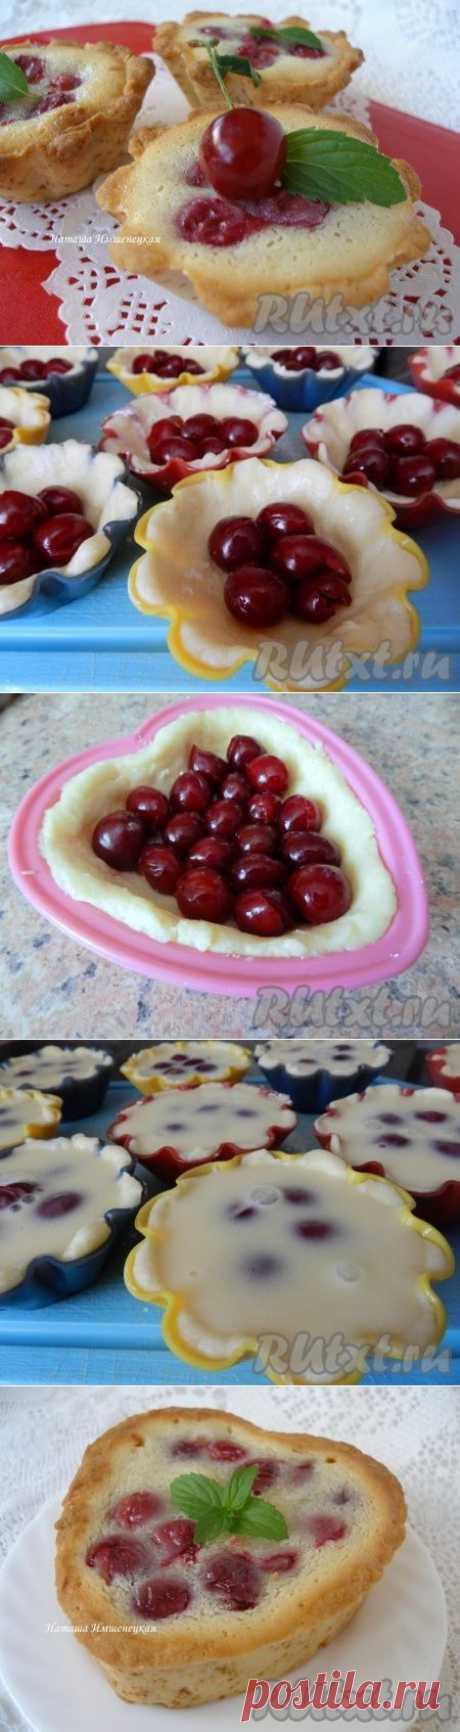 Цветаевский пирог с вишней (рецепт с фото) | RUtxt.ru